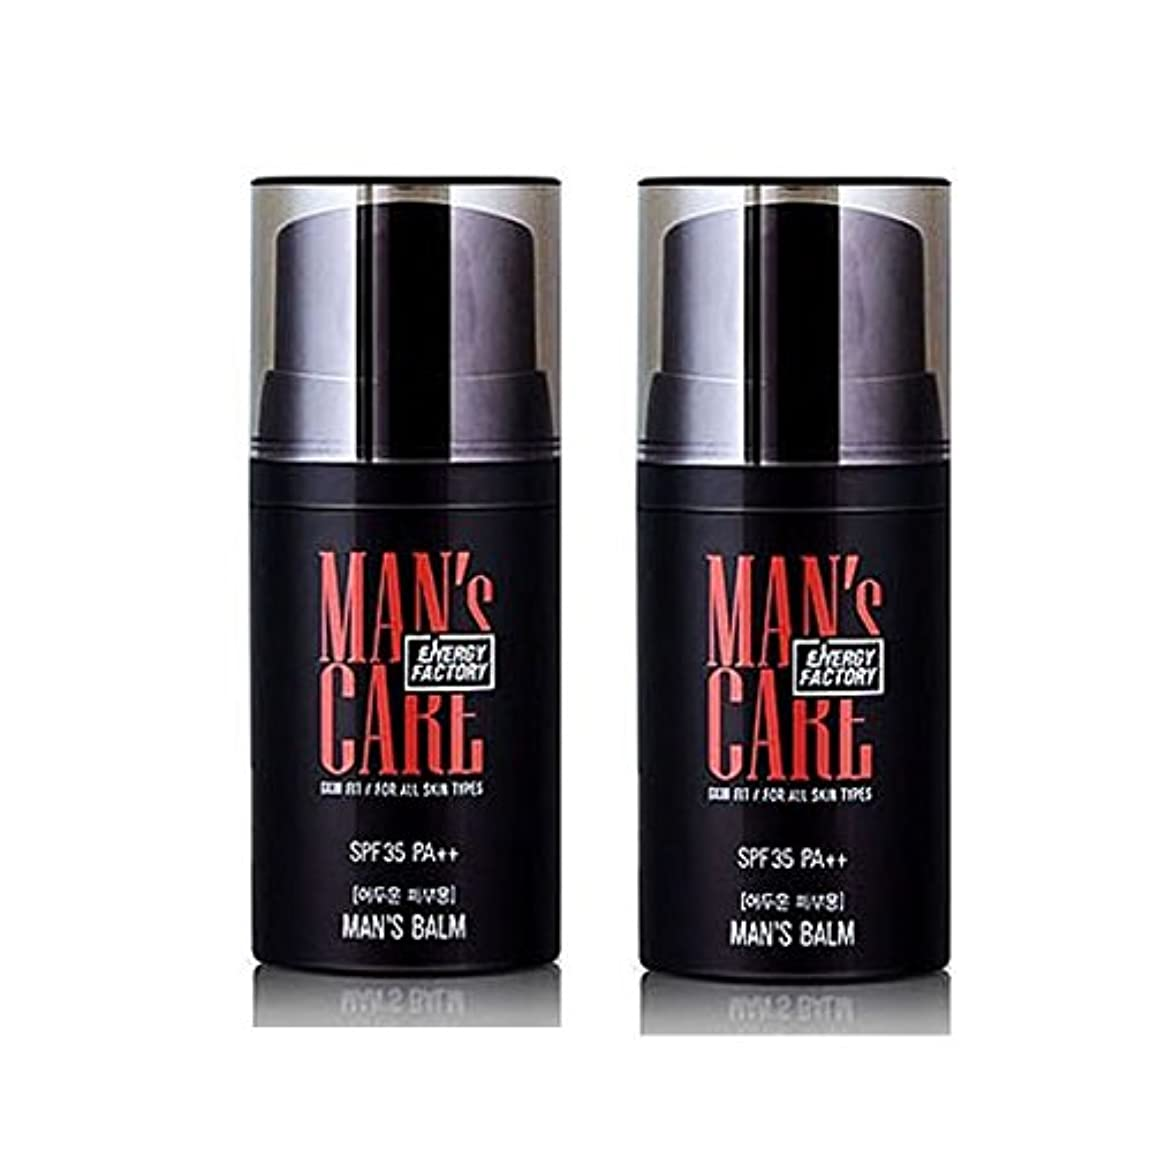 見つけた適合光電メンズケアエネルギーファクトリースキンフィット?マンズ?Balm 50ml x 2本セット(明るい肌用、暗い肌用) メンズコスメ、Man's Care Energy Factory Skin Fit Man's Balm...